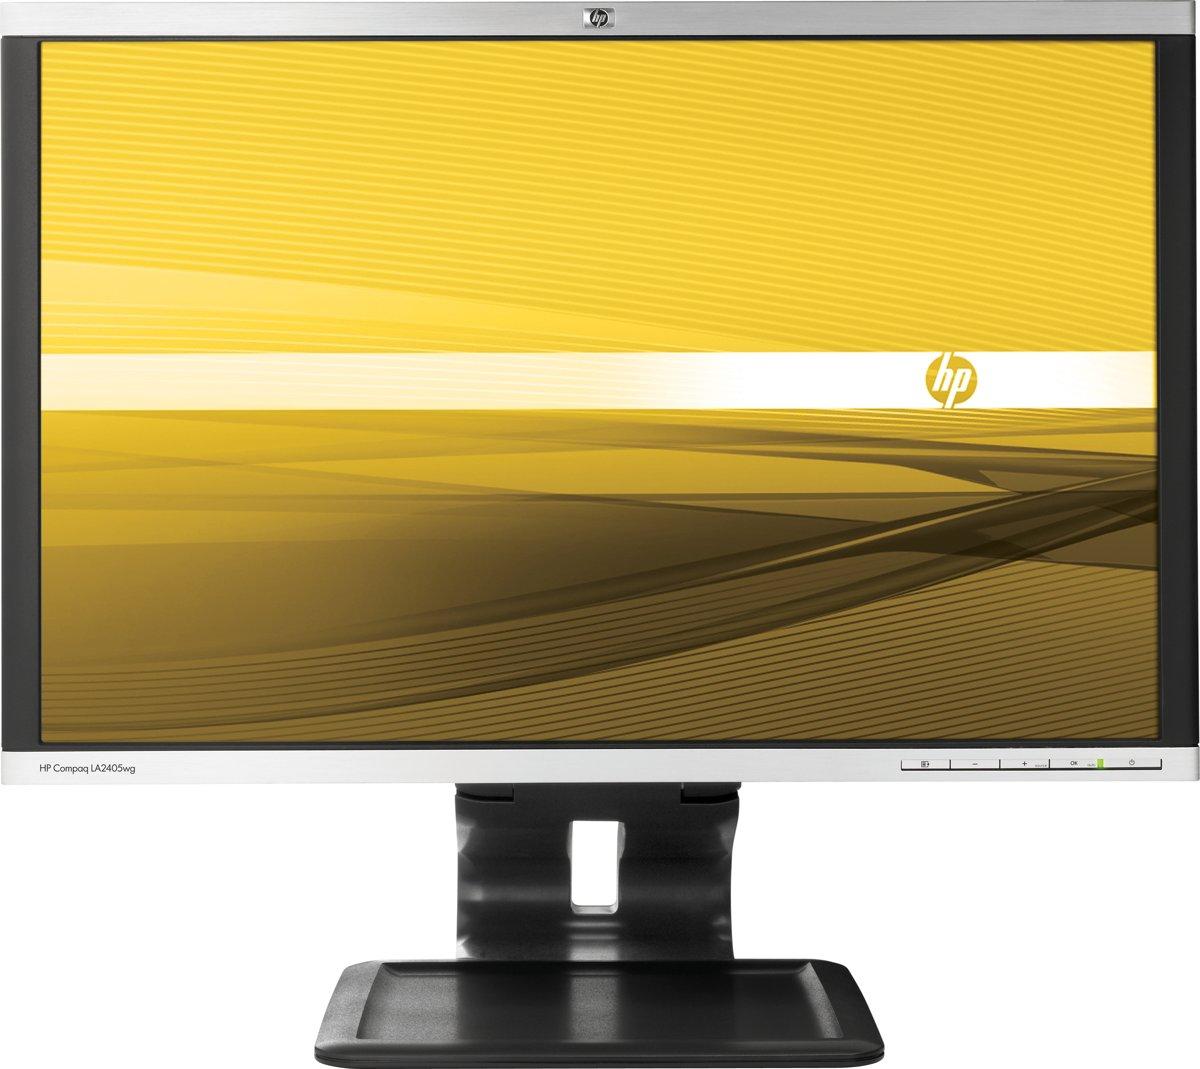 HP LA2405wg - 24 inch Monitor - REFURBISHED